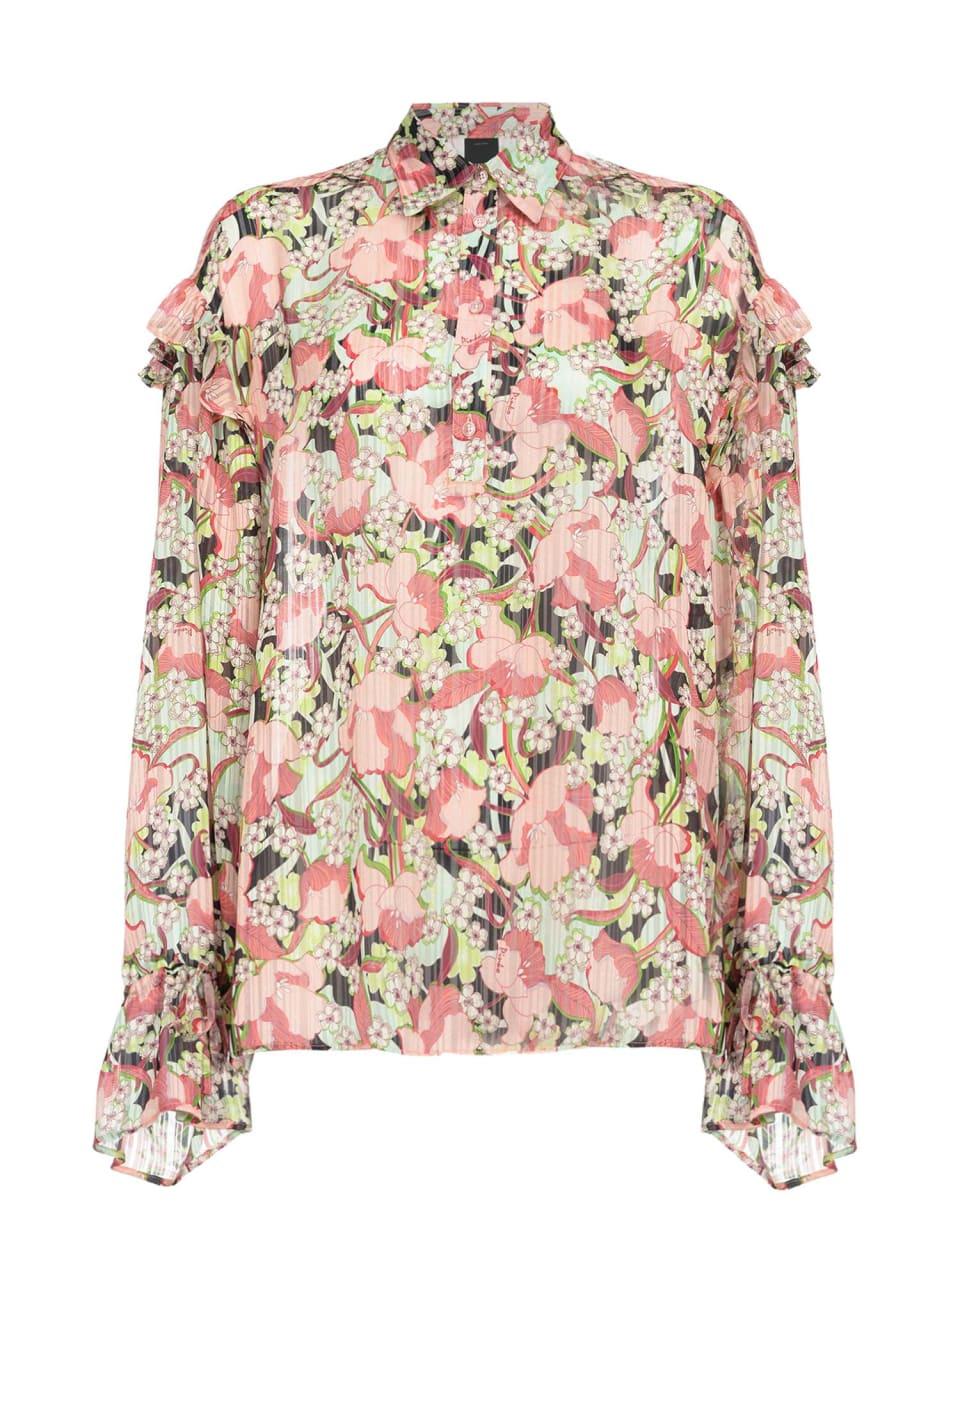 クローシェ編み 花柄 シャツ